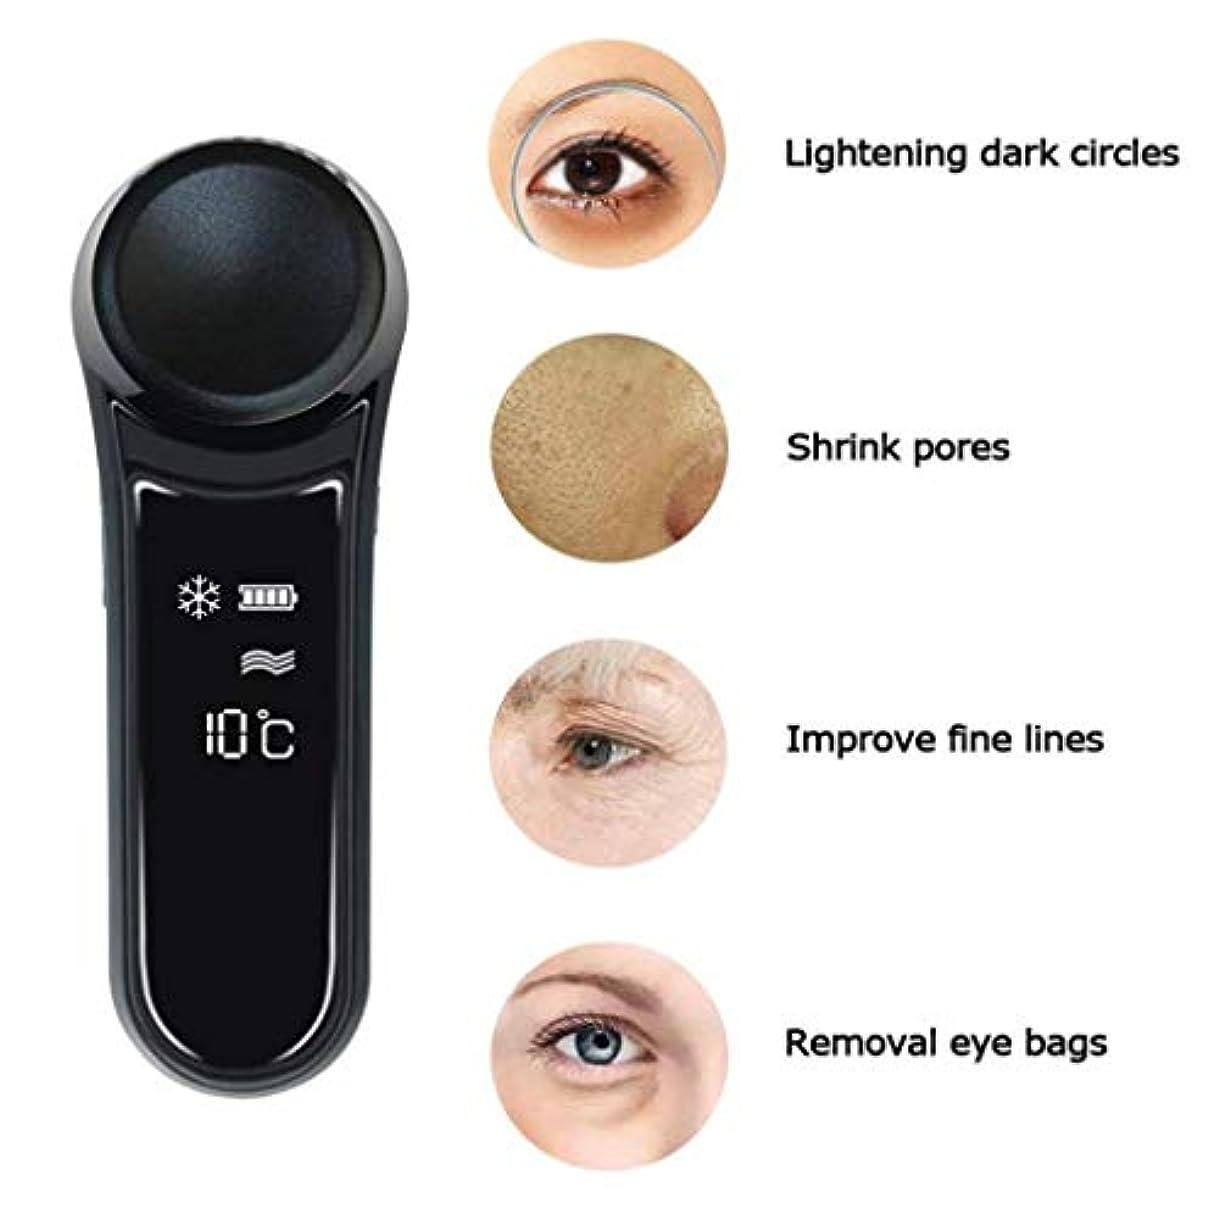 今日拡張人柄アイマッサージャー、ホームイオンアイケア美容機器、アイバッグブラックサークルの改善、目の疲れの解消、肌の引き締め、しわの軽減